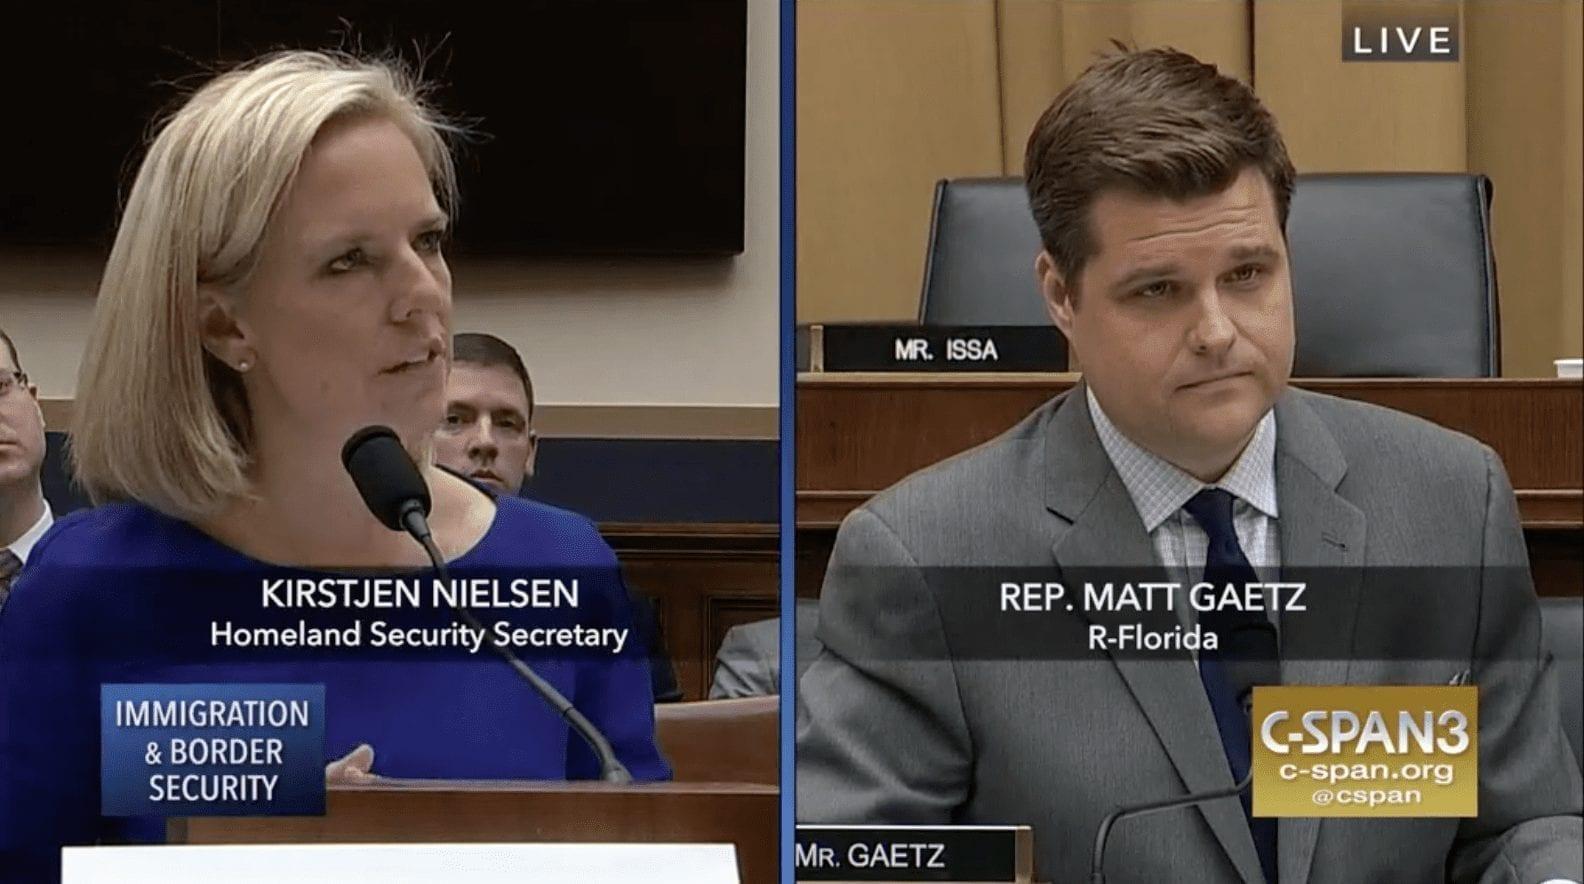 Homeland Security Secretary Kirstjen Nielsen Rep. Matt Gaetz